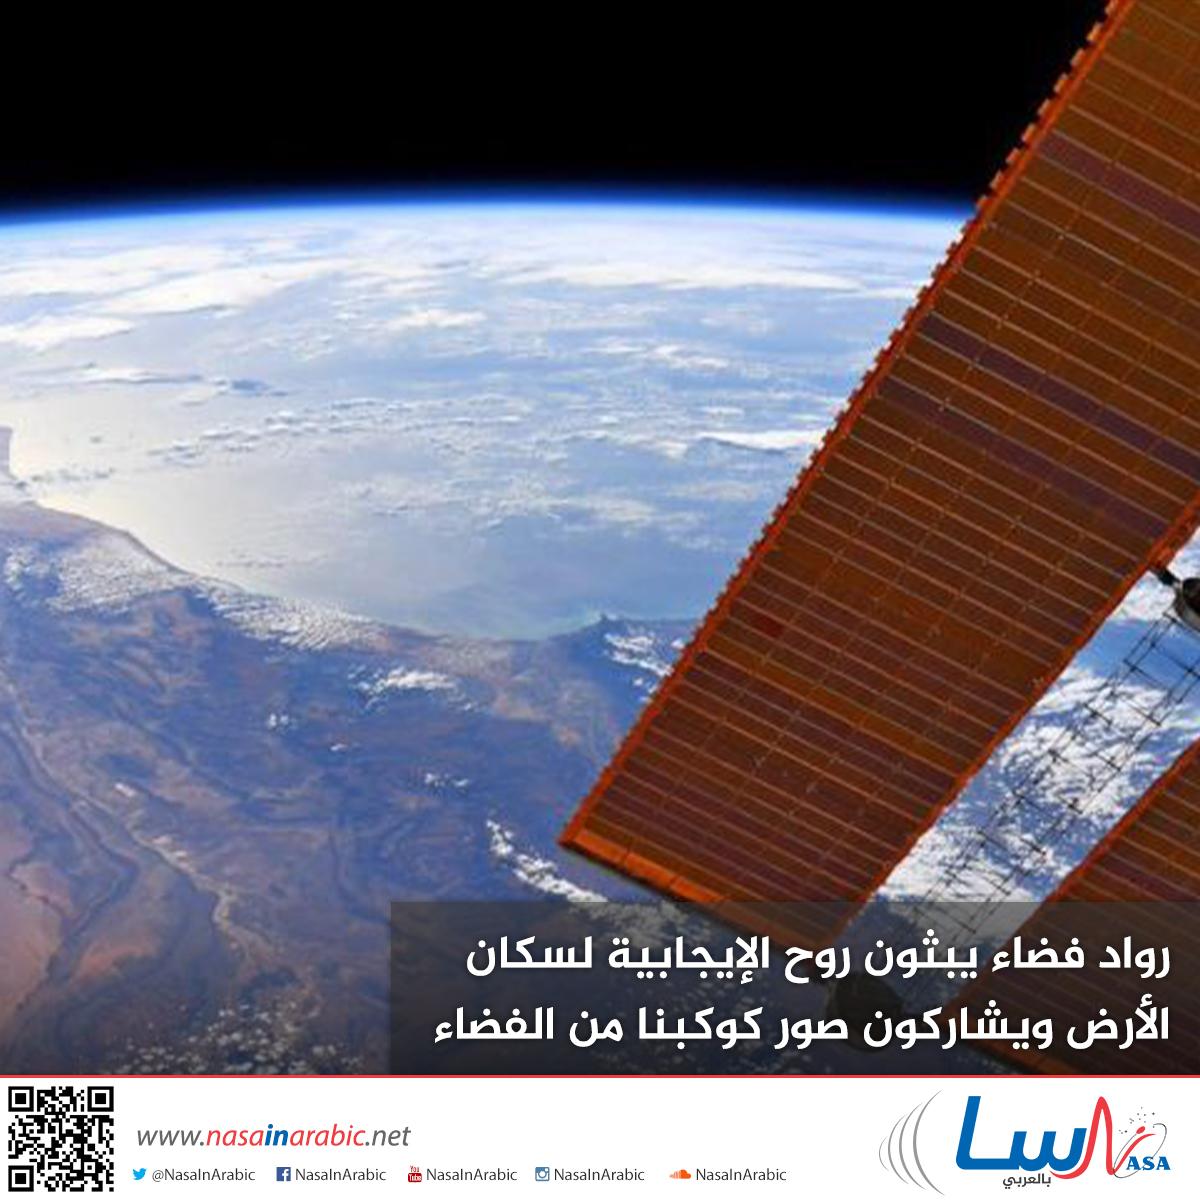 رواد فضاء يبثون روح الإيجابية لسكان الأرض ويشاركون صور كوكبنا من الفضاء